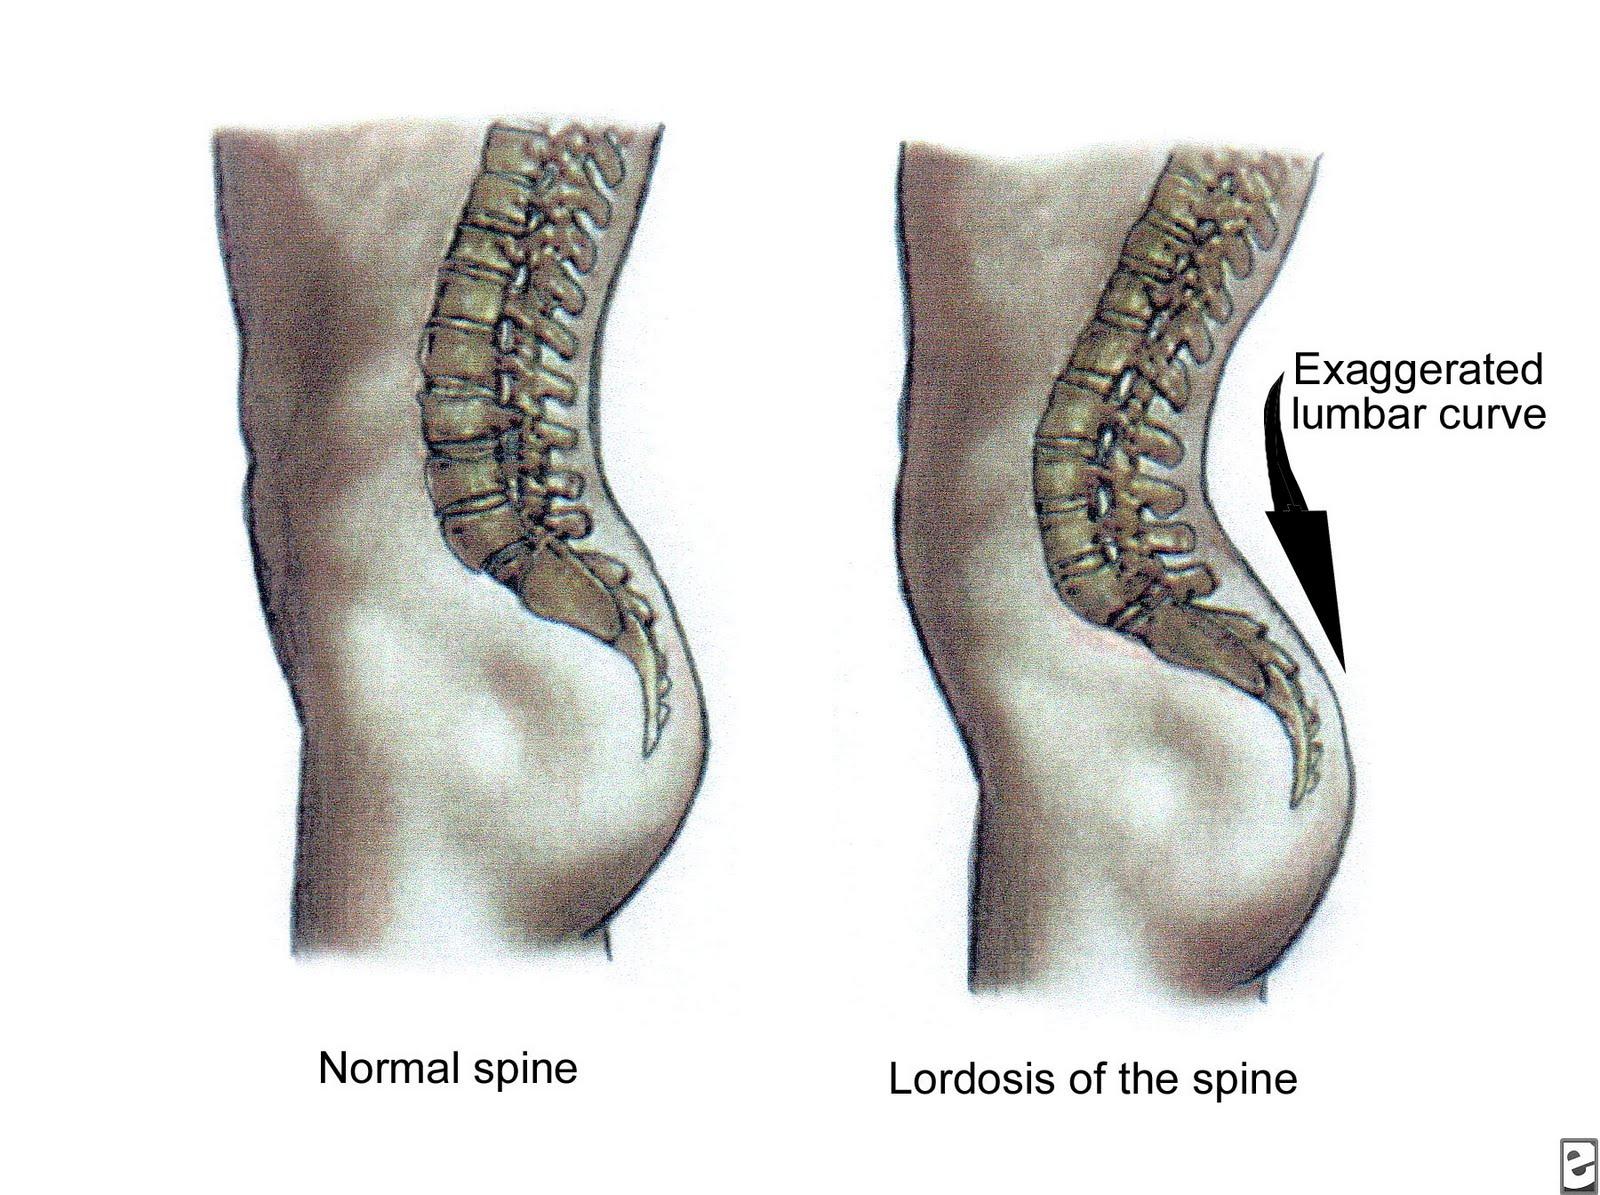 симптомы лордоза